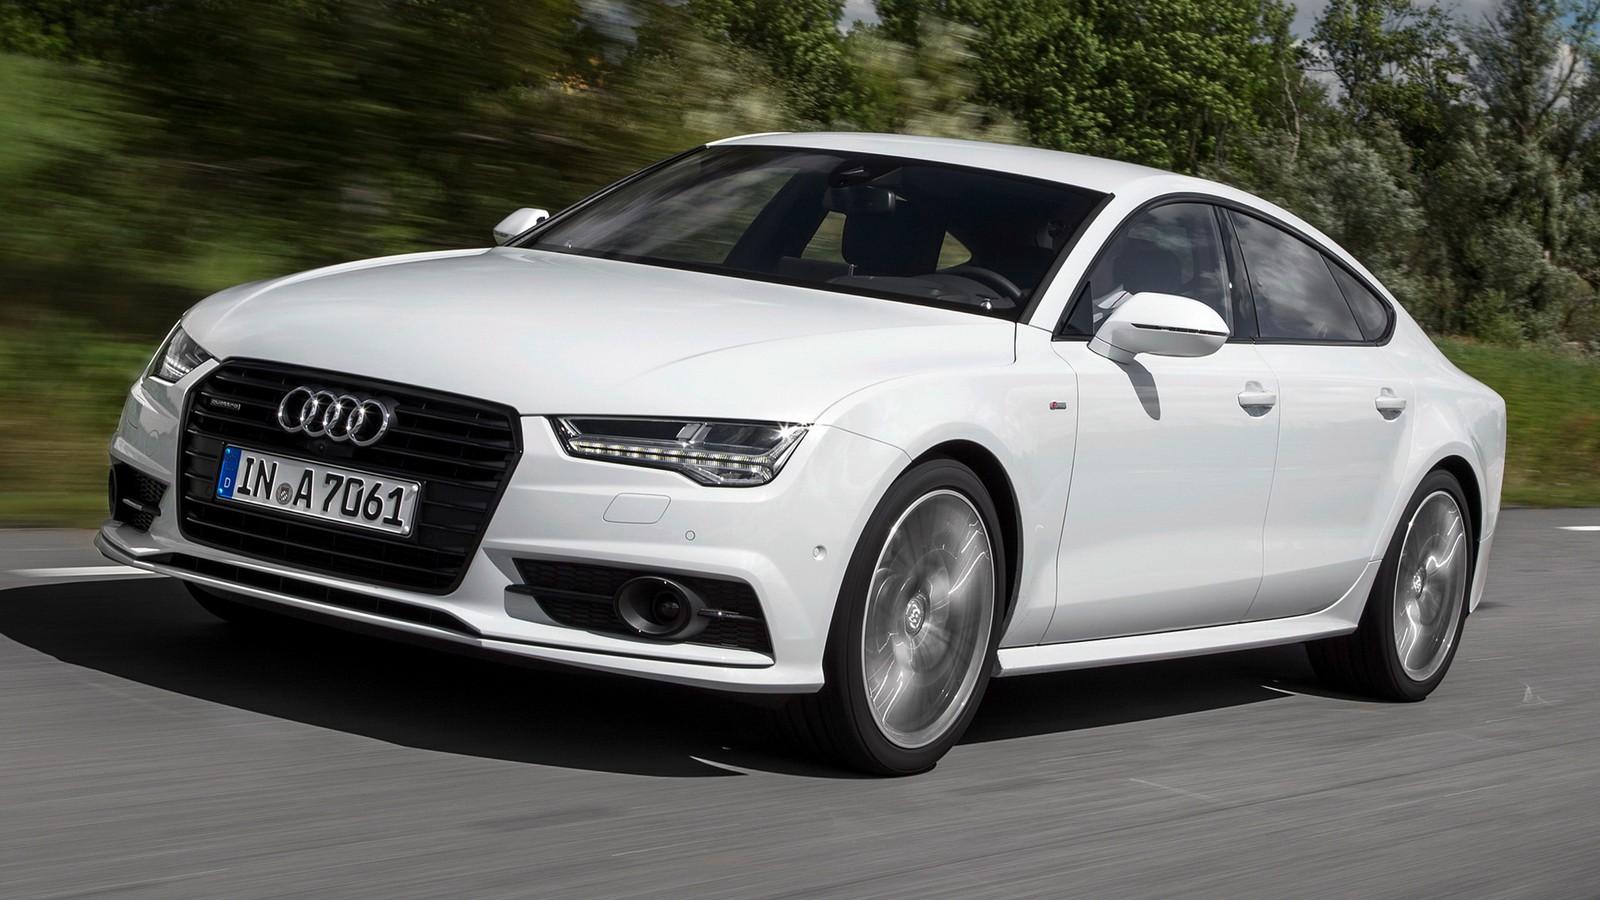 На фото: Audi A7